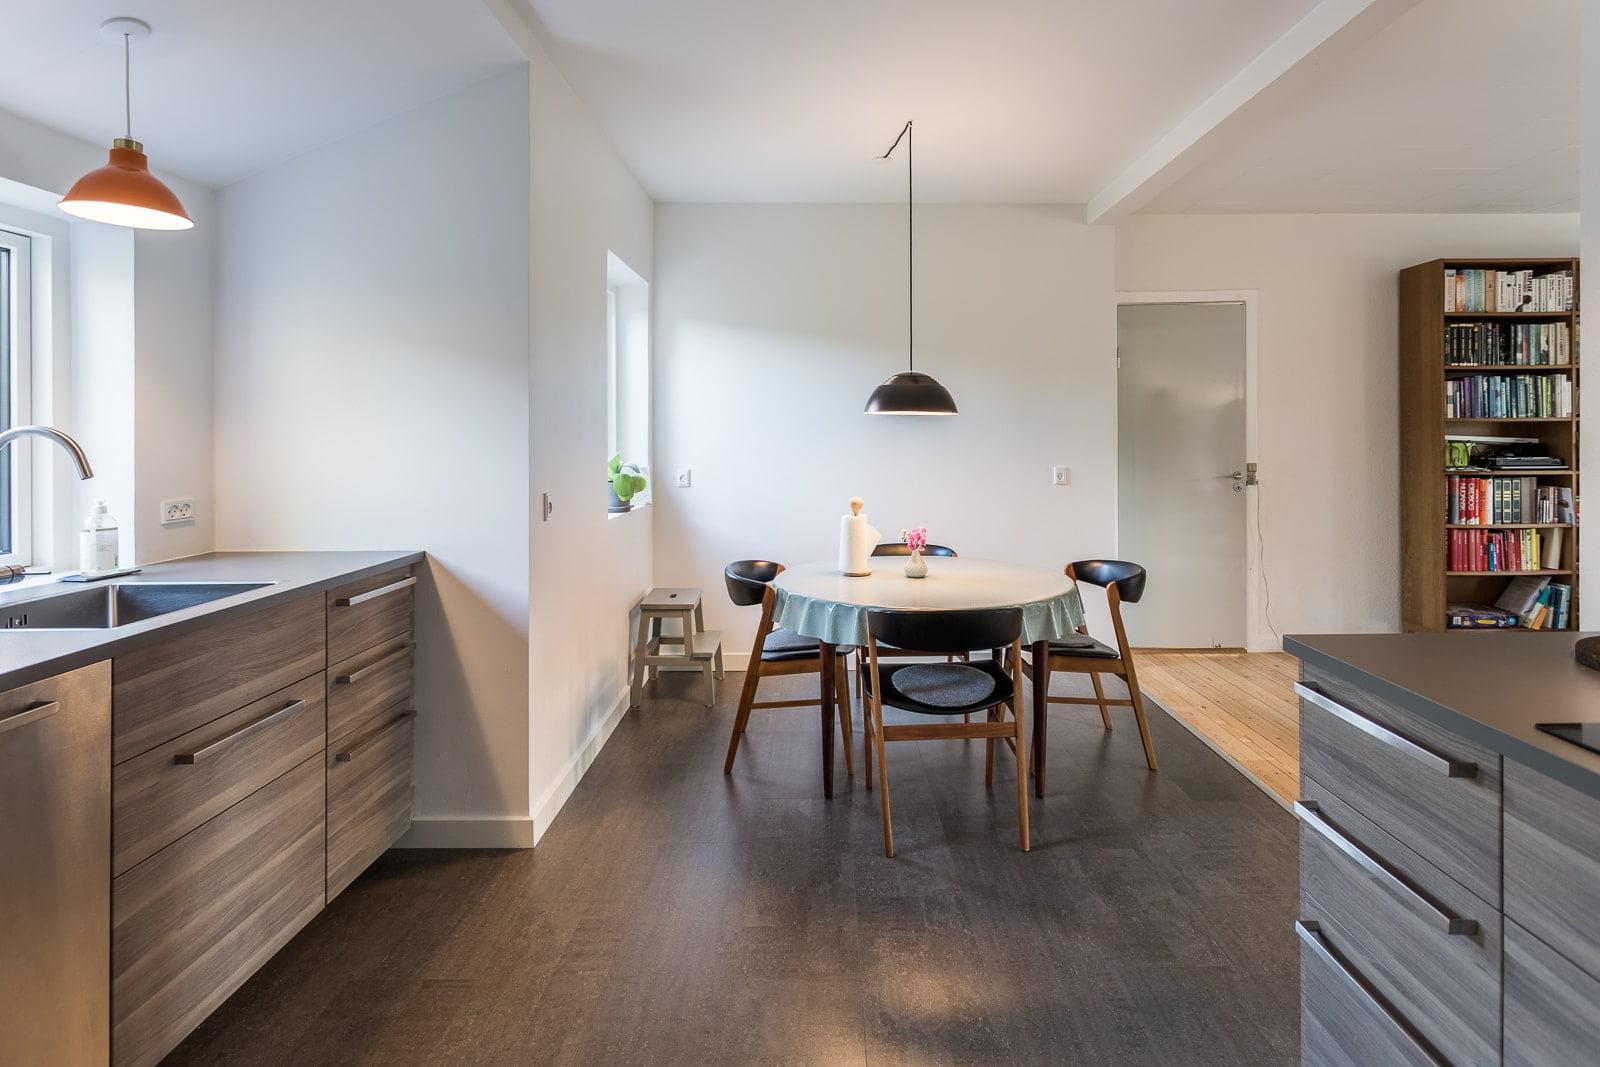 Nyt køkken. vi bygger og renoverer dit nye køkken. få et tilbud